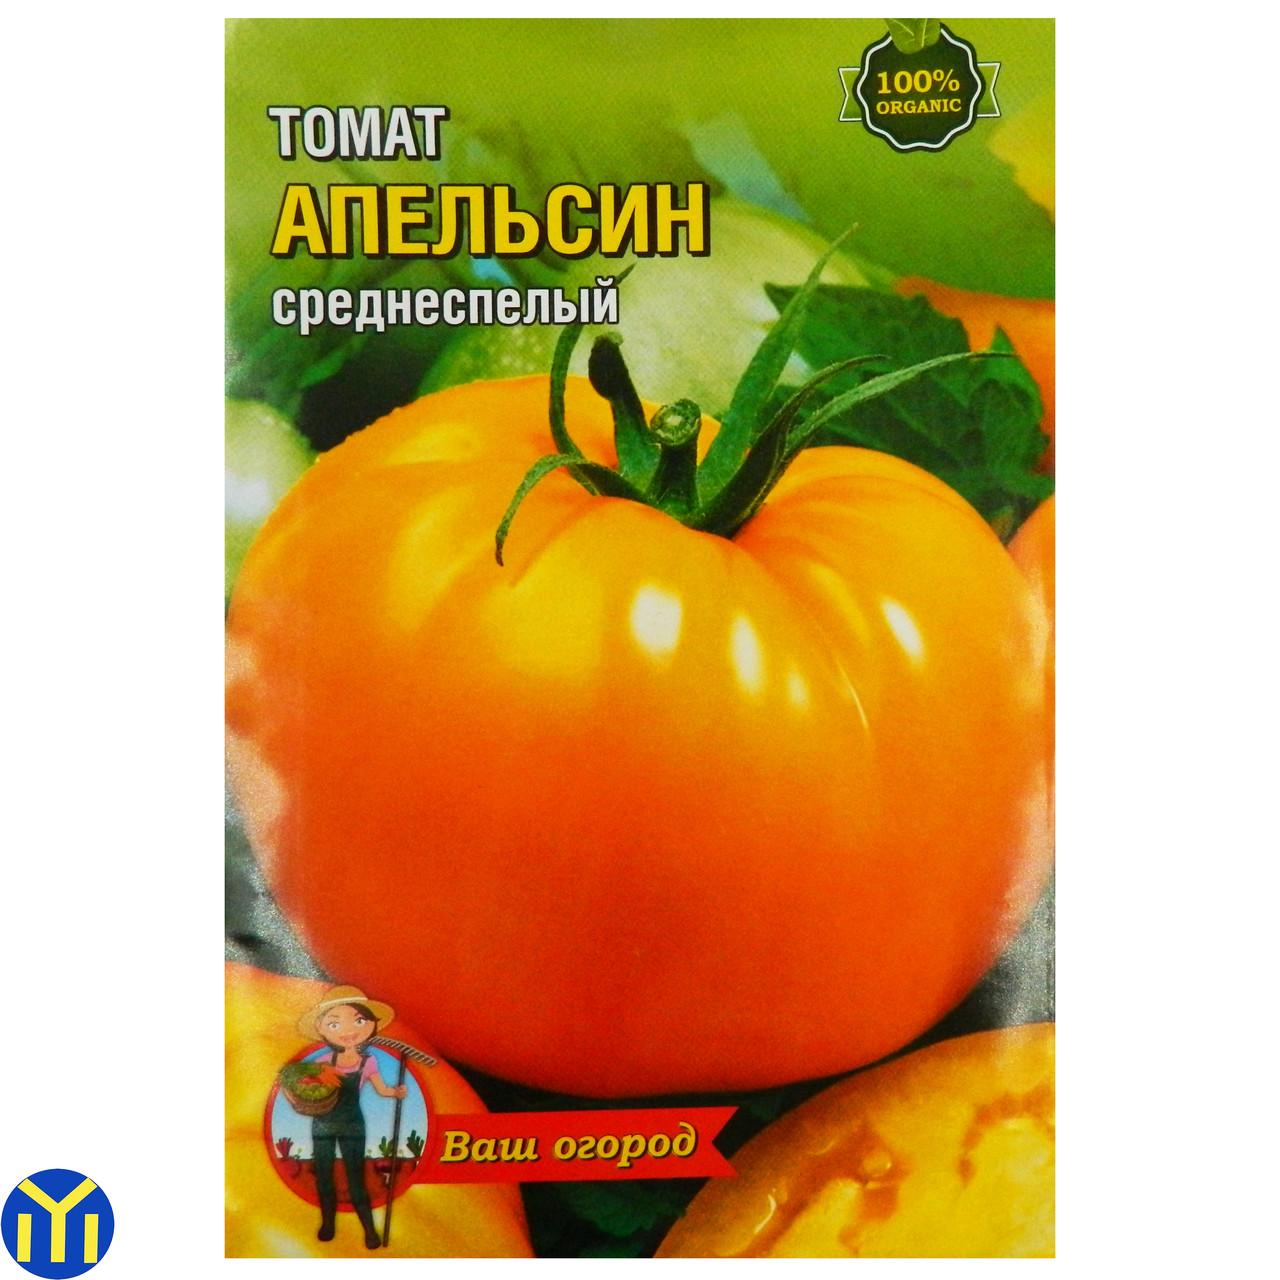 Томат Апельсин, Среднеспелый